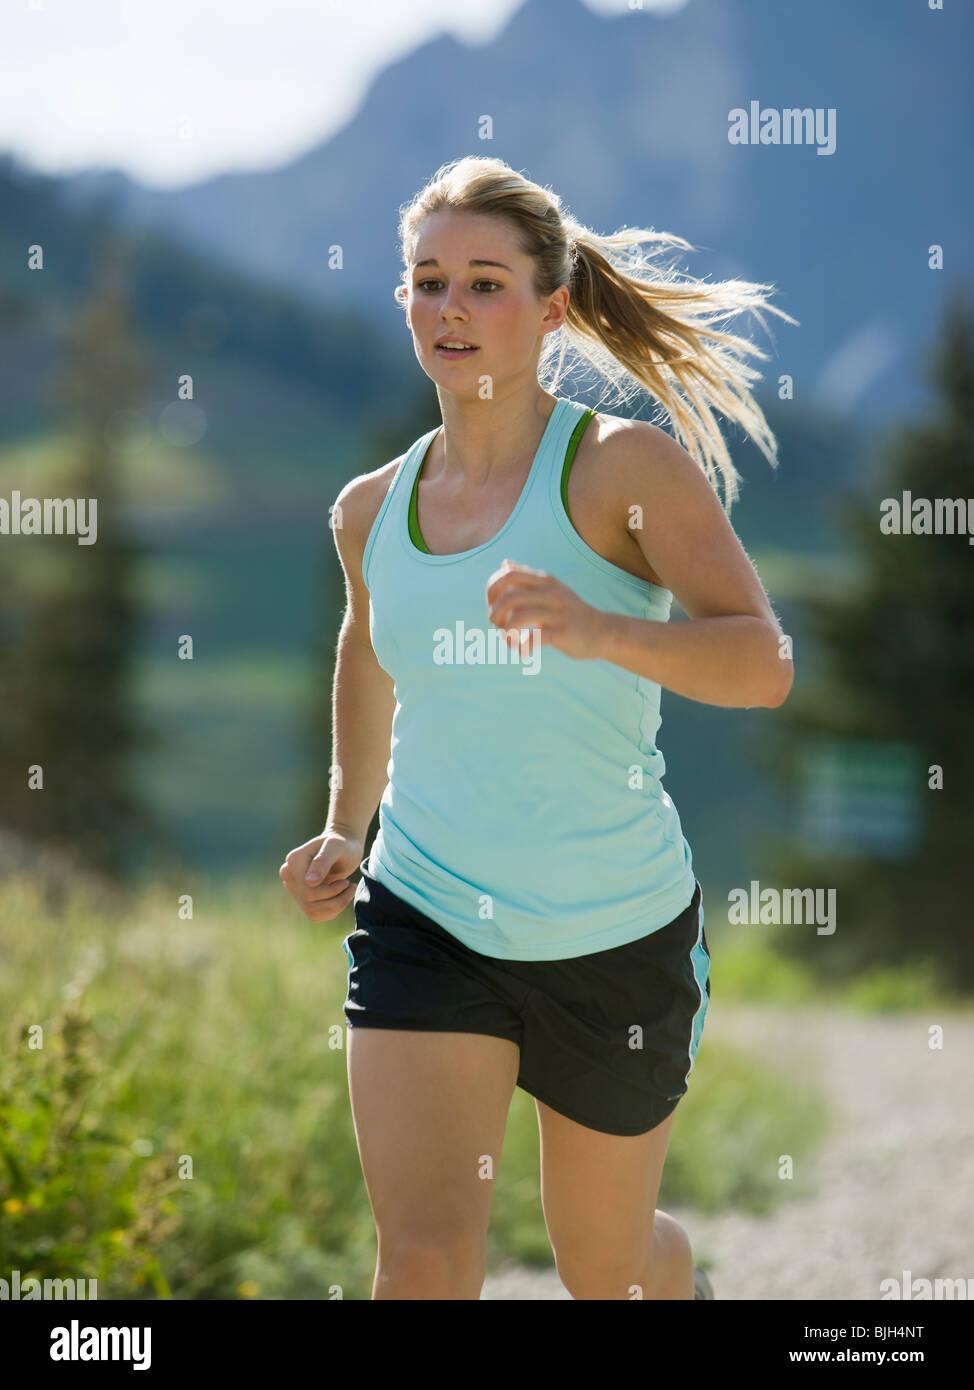 junge Frau läuft auf einem Bergweg Stockbild